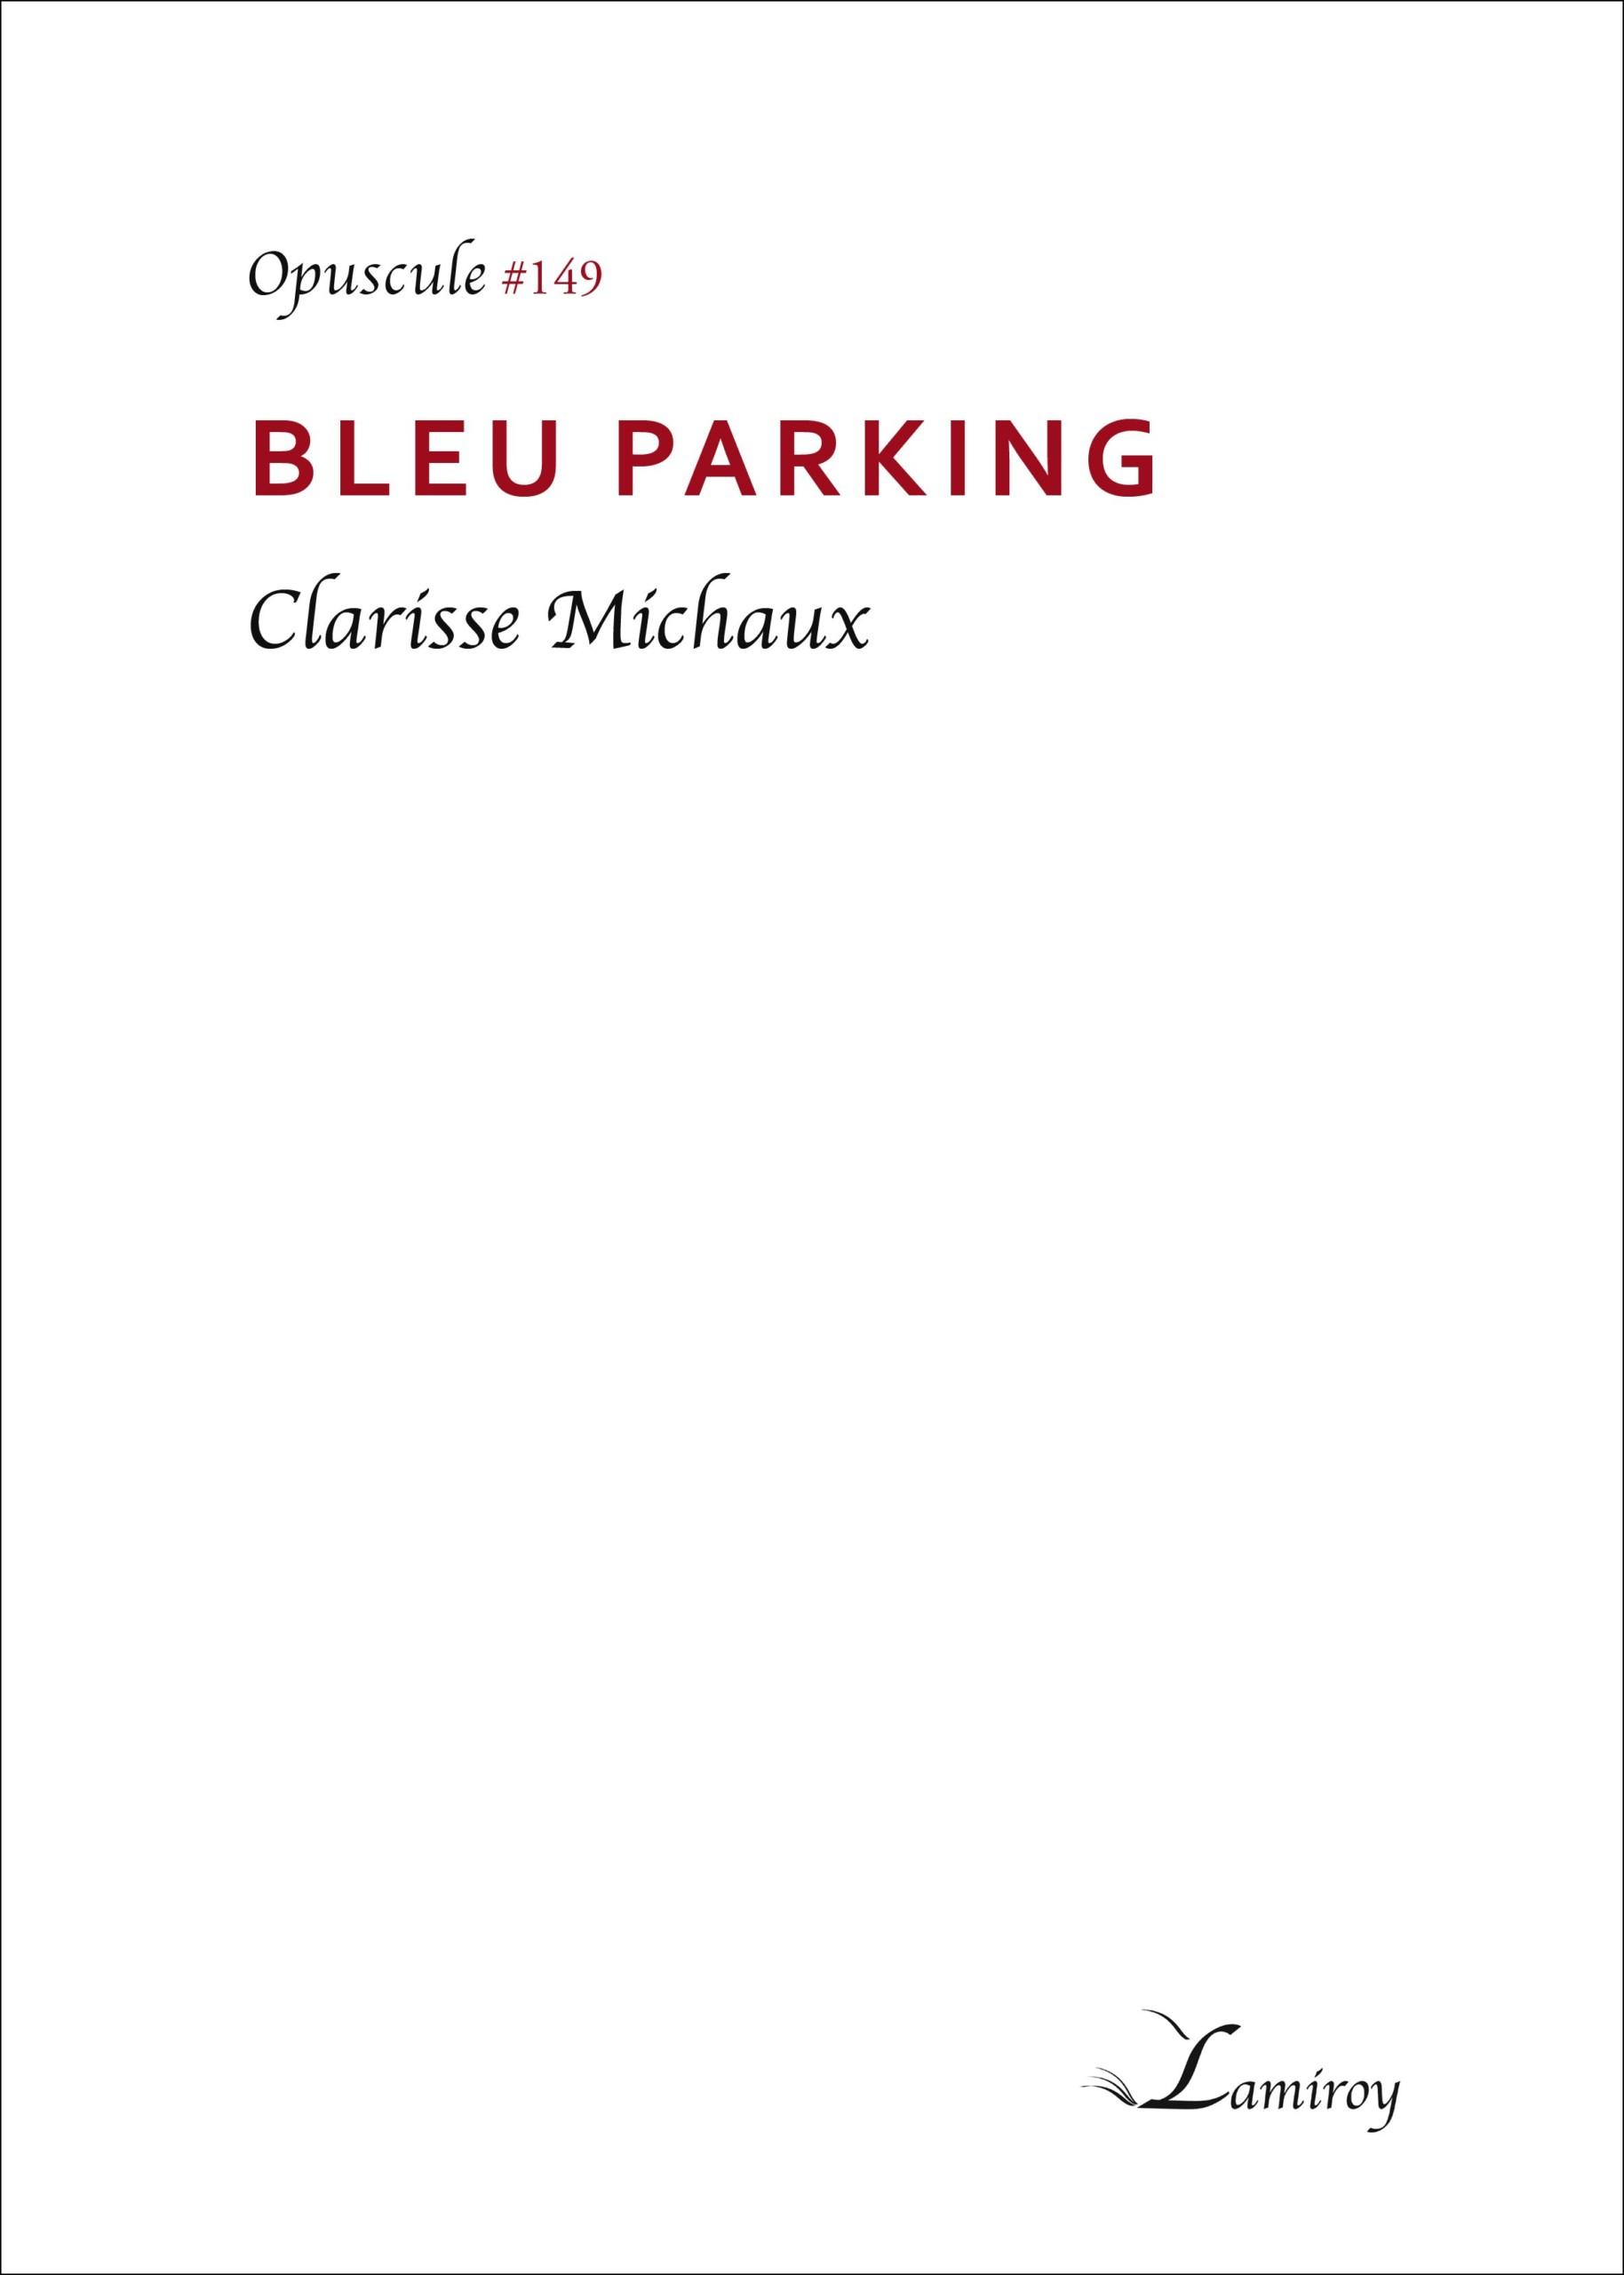 Bleu Parking Peindre les mots